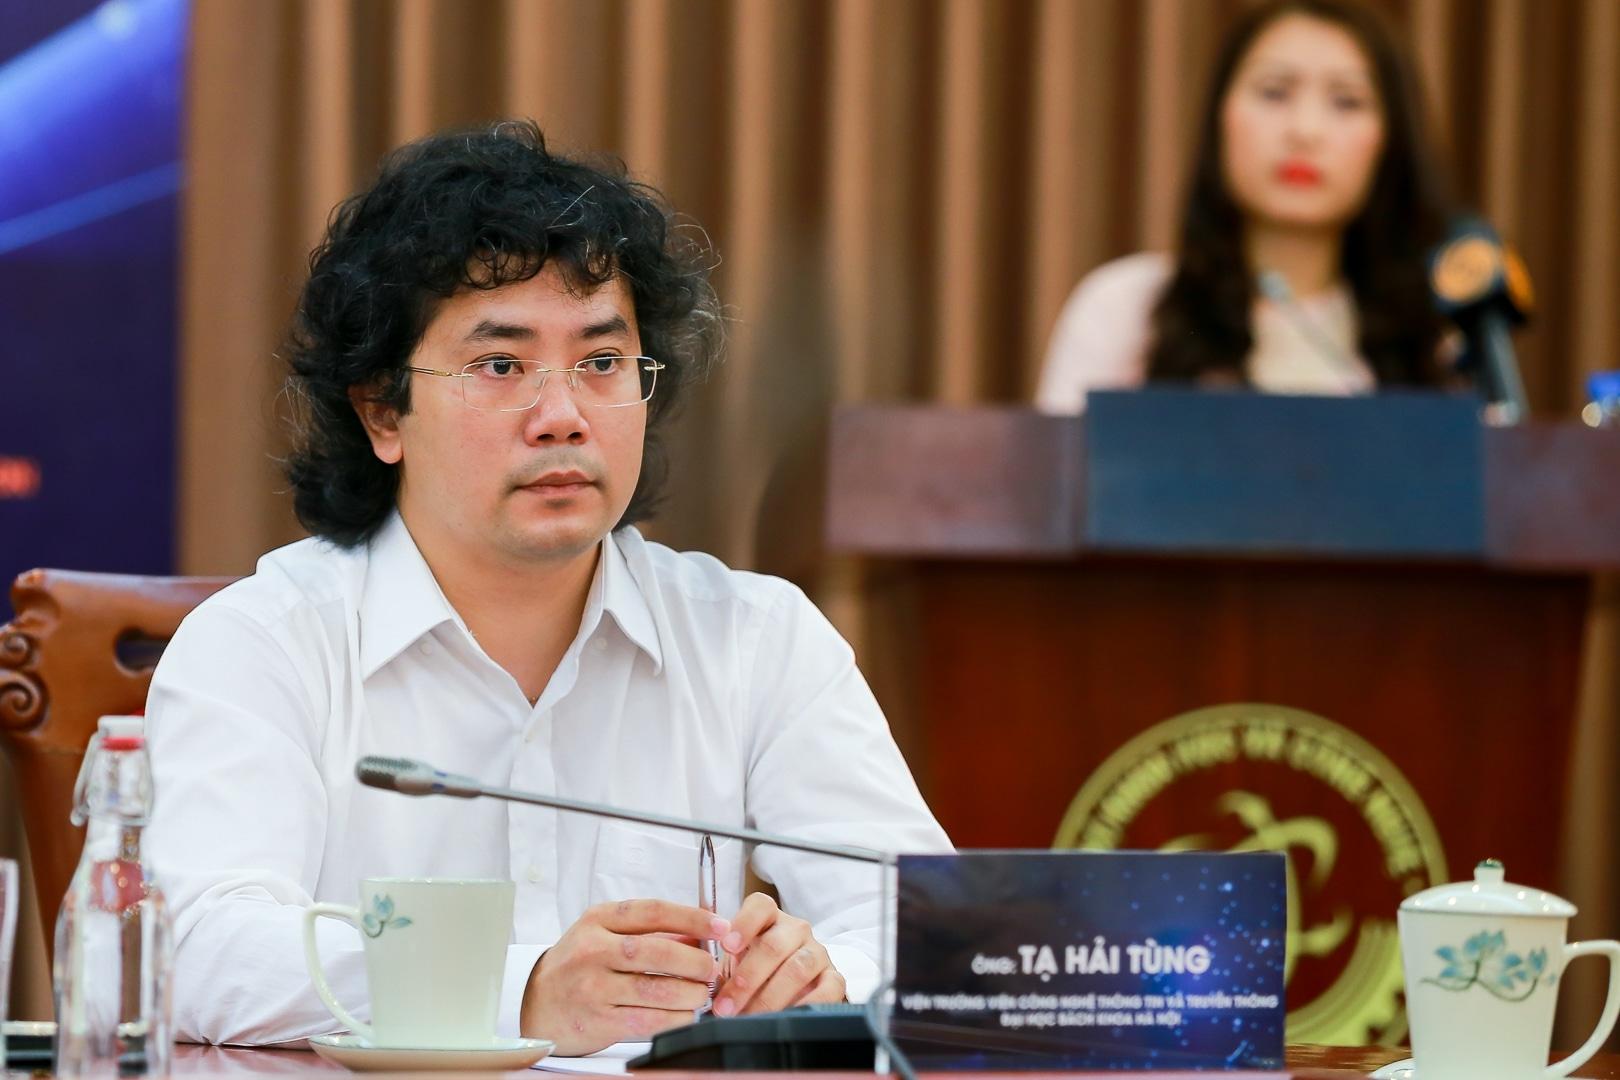 PGS.TS Tạ Hải Tùng tại lễ công bố sự kiện AI4VN, Bộ KH&CN, Hà Nội, 31/7/2019. Ảnh: techsignin.com